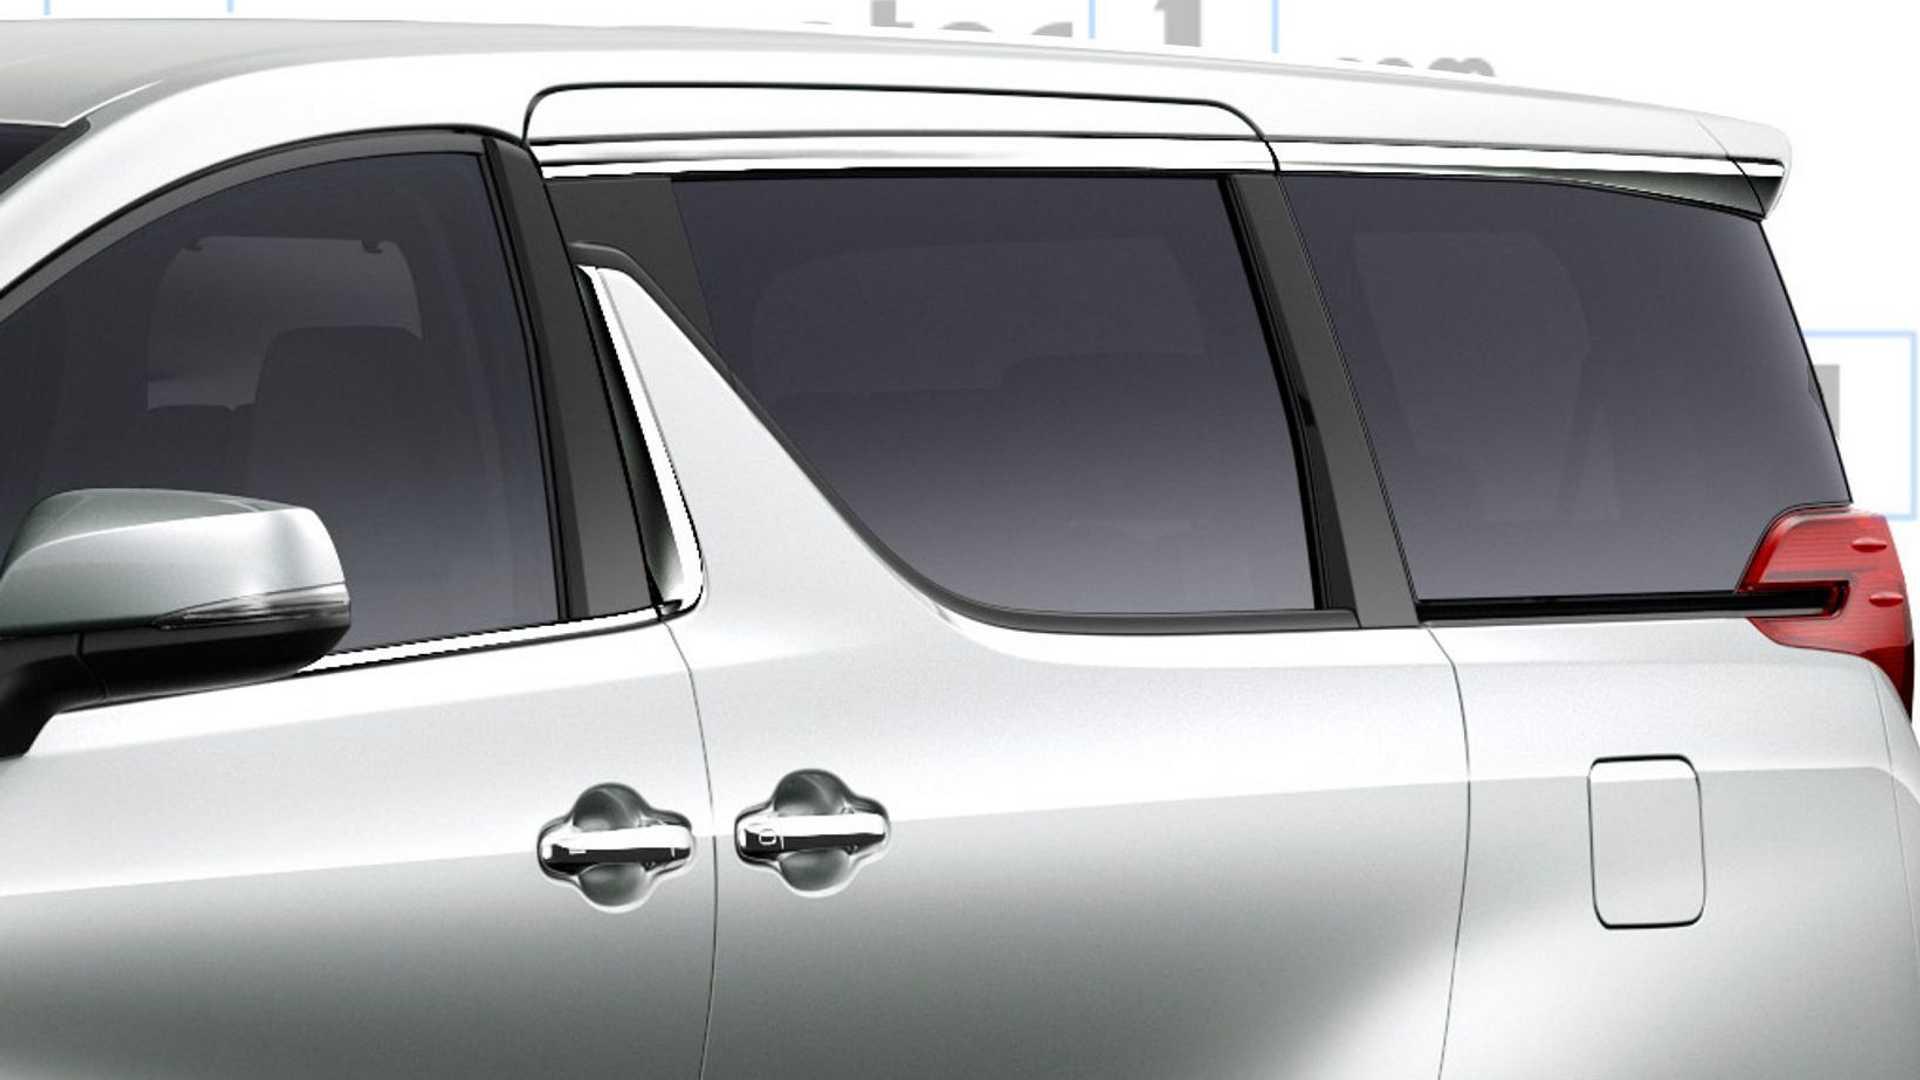 lexus-minivan-3.jpg